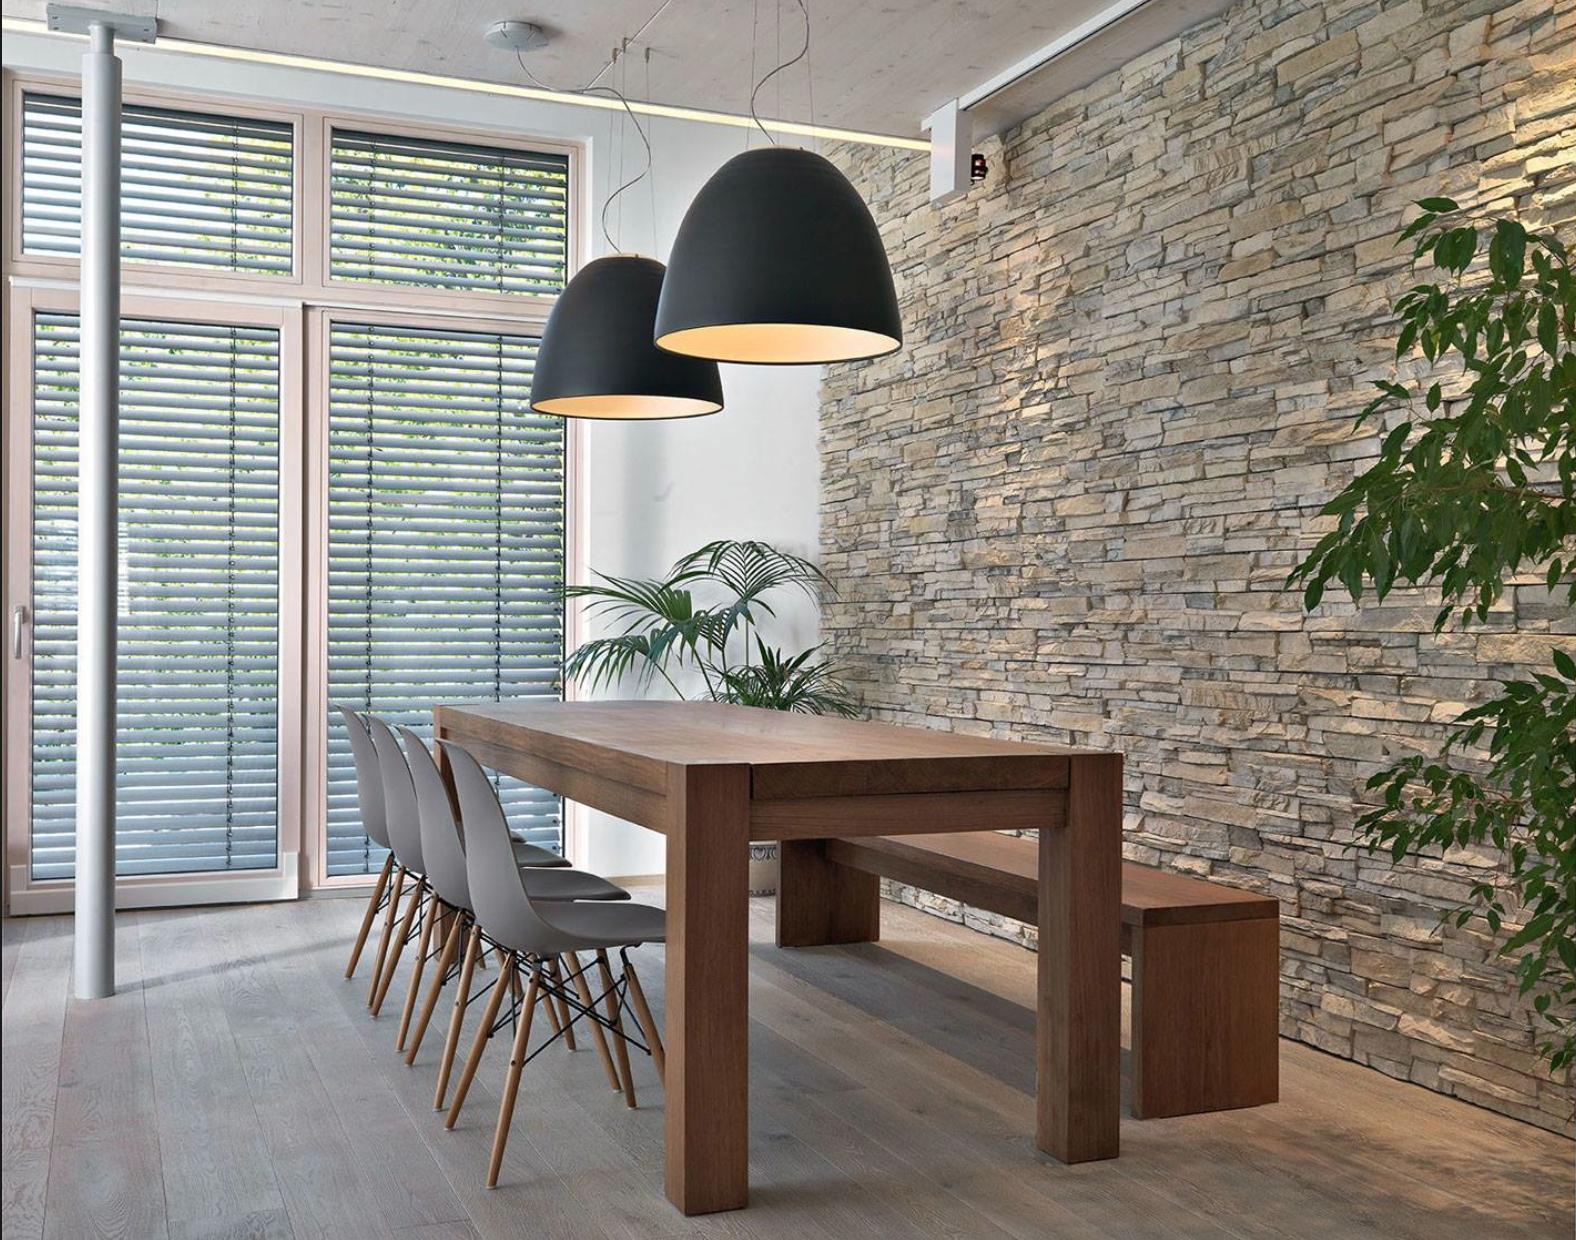 Steenstrips - Woonkamer | Pinterest - Tegels, Stenen en Muur